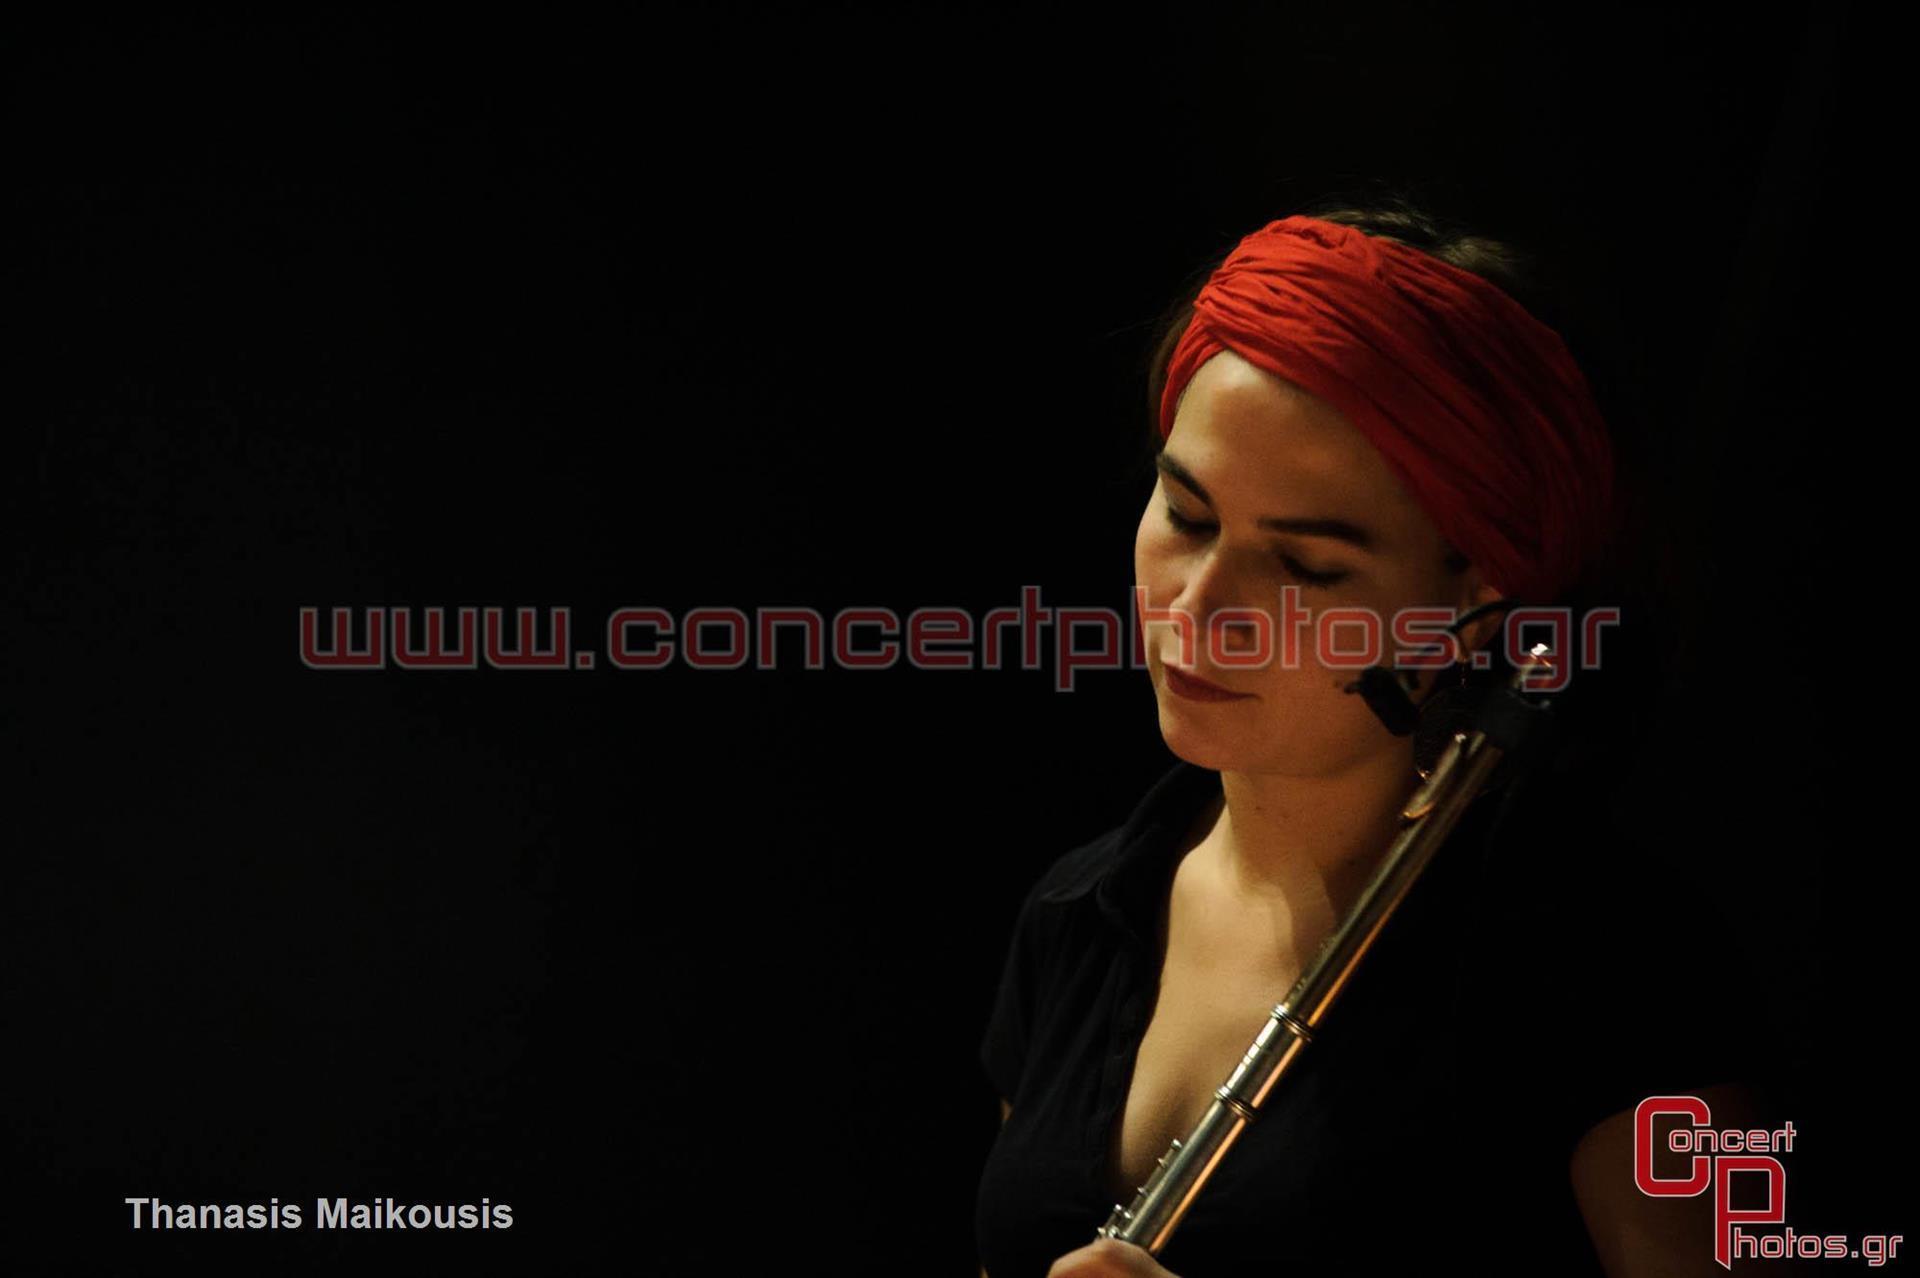 Wax Tailor - photographer: Thanasis Maikousis - ConcertPhotos-7677